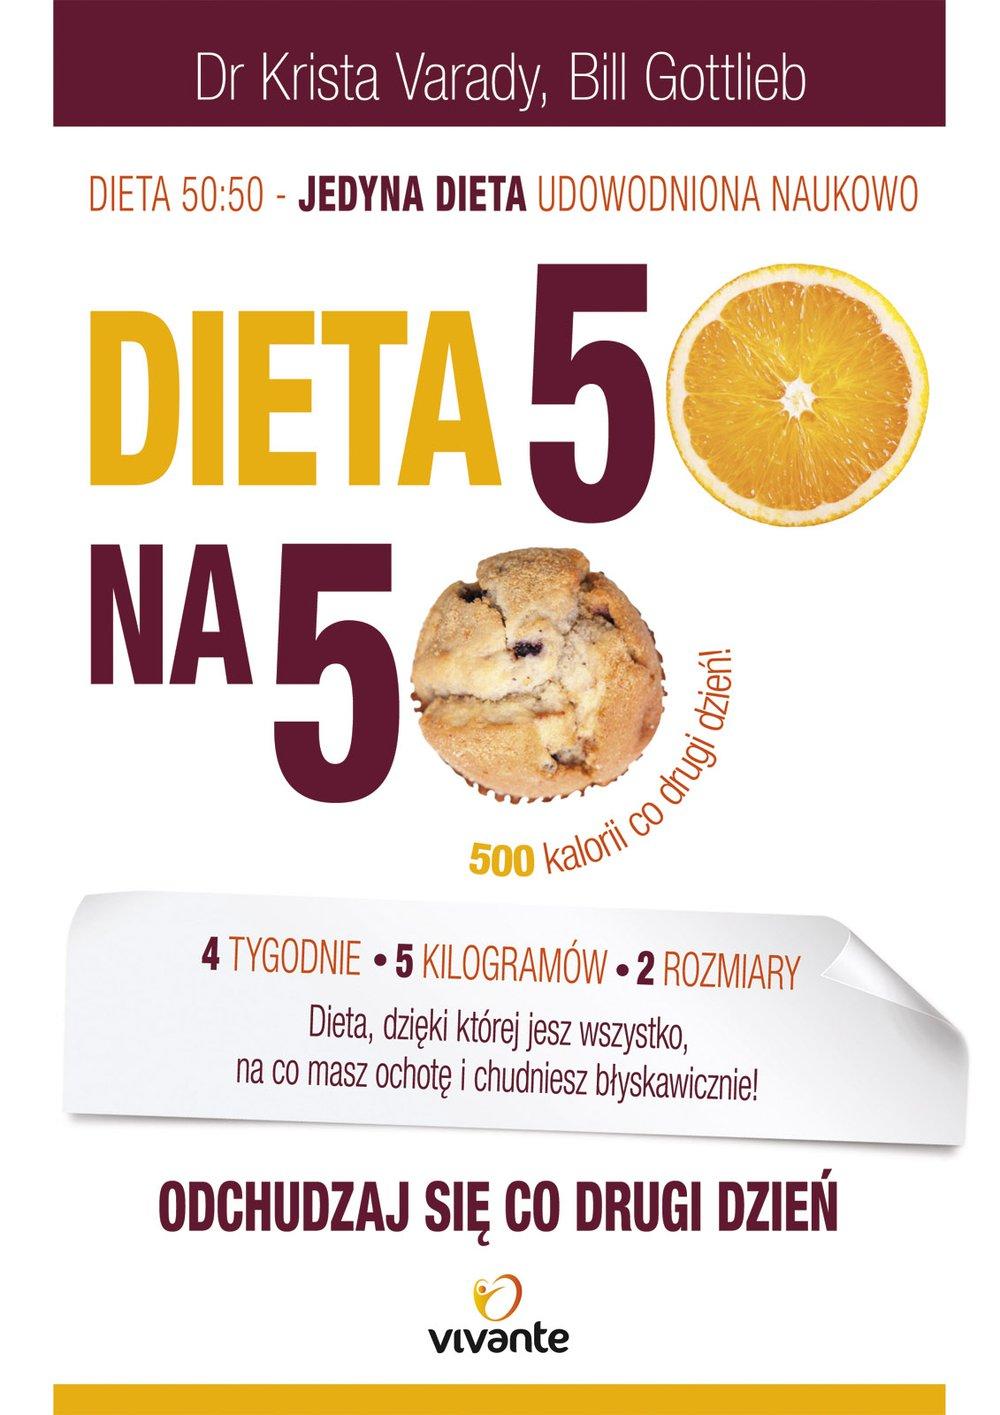 Dieta 50:50. Odchudzaj się co drugi dzień! - Ebook (Książka EPUB) do pobrania w formacie EPUB